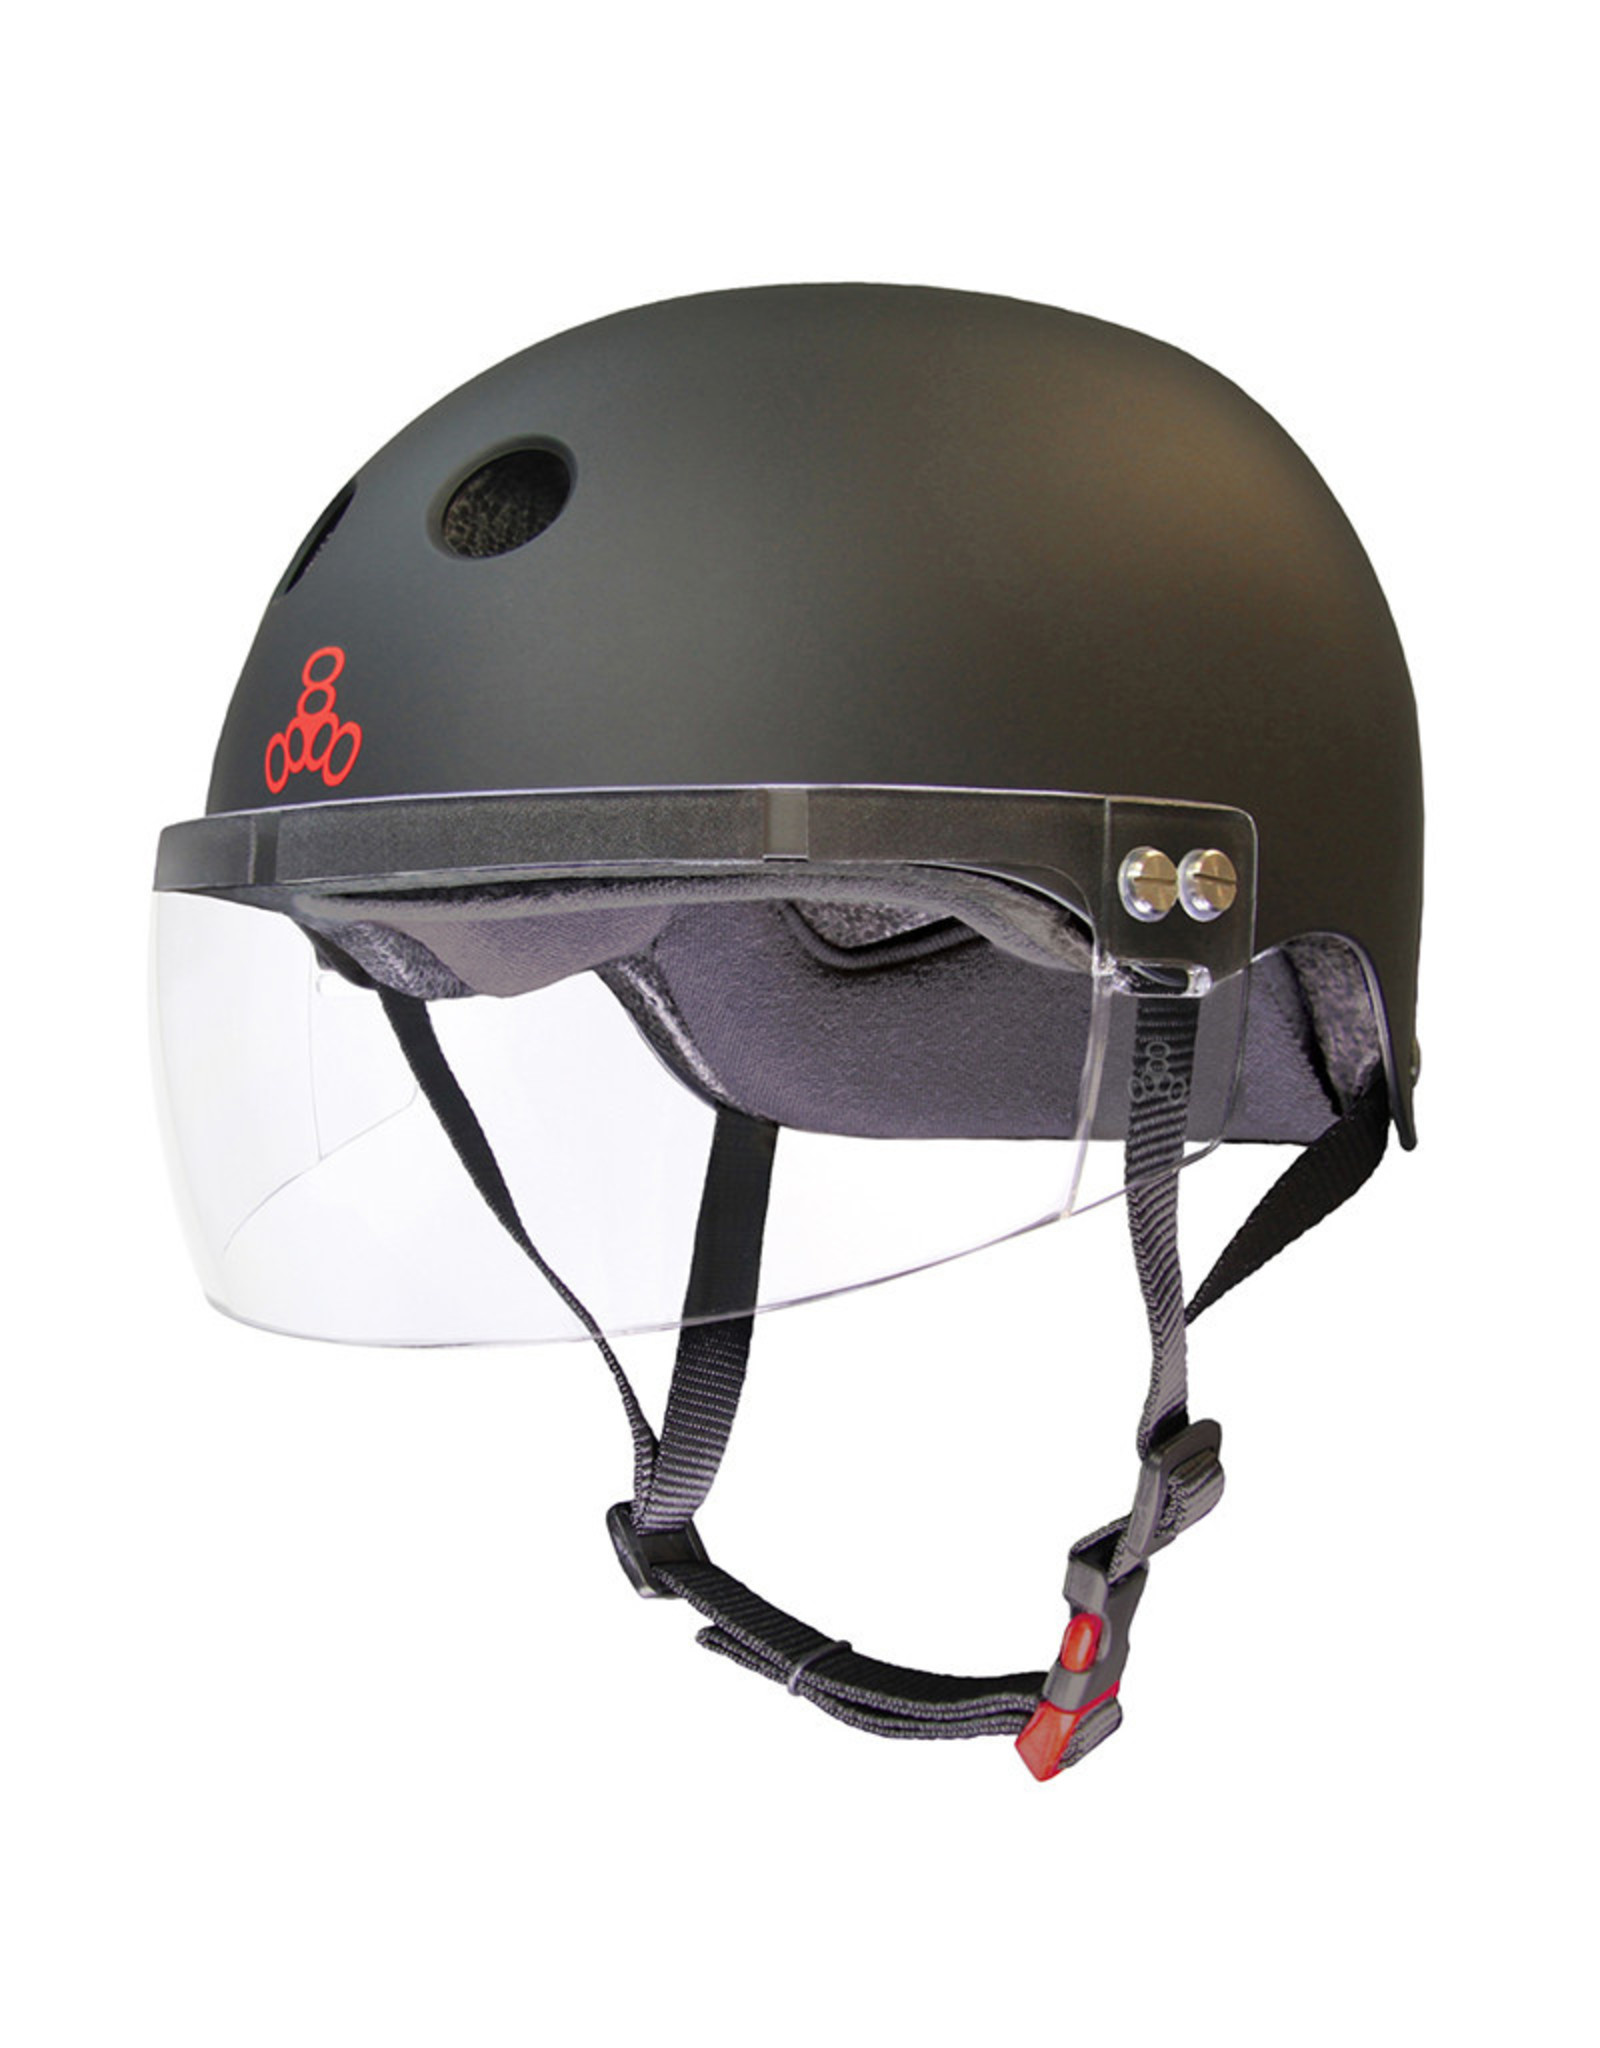 Triple 8 T8 Certified Sweatsaver Visor Helmet